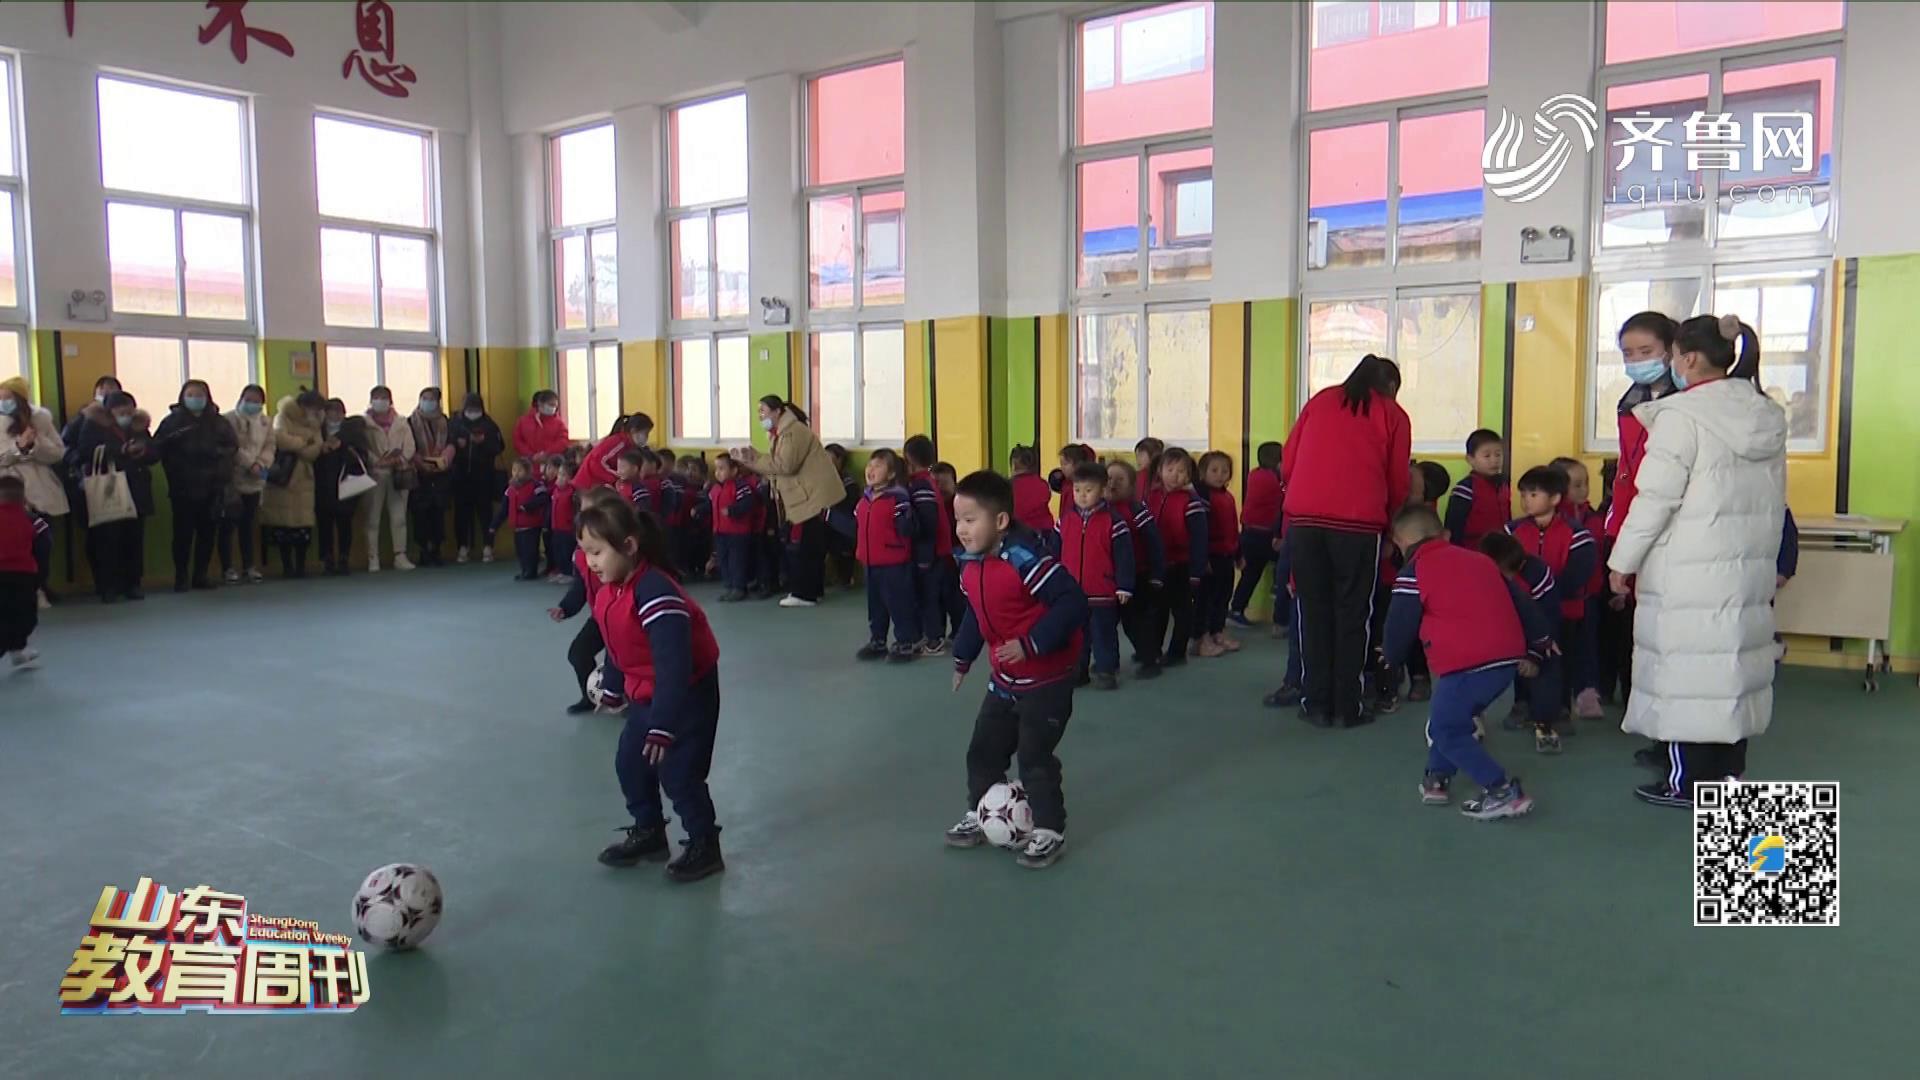 郓城:开设特色课程 促进优质教育《山东教育周刊》20210103播出